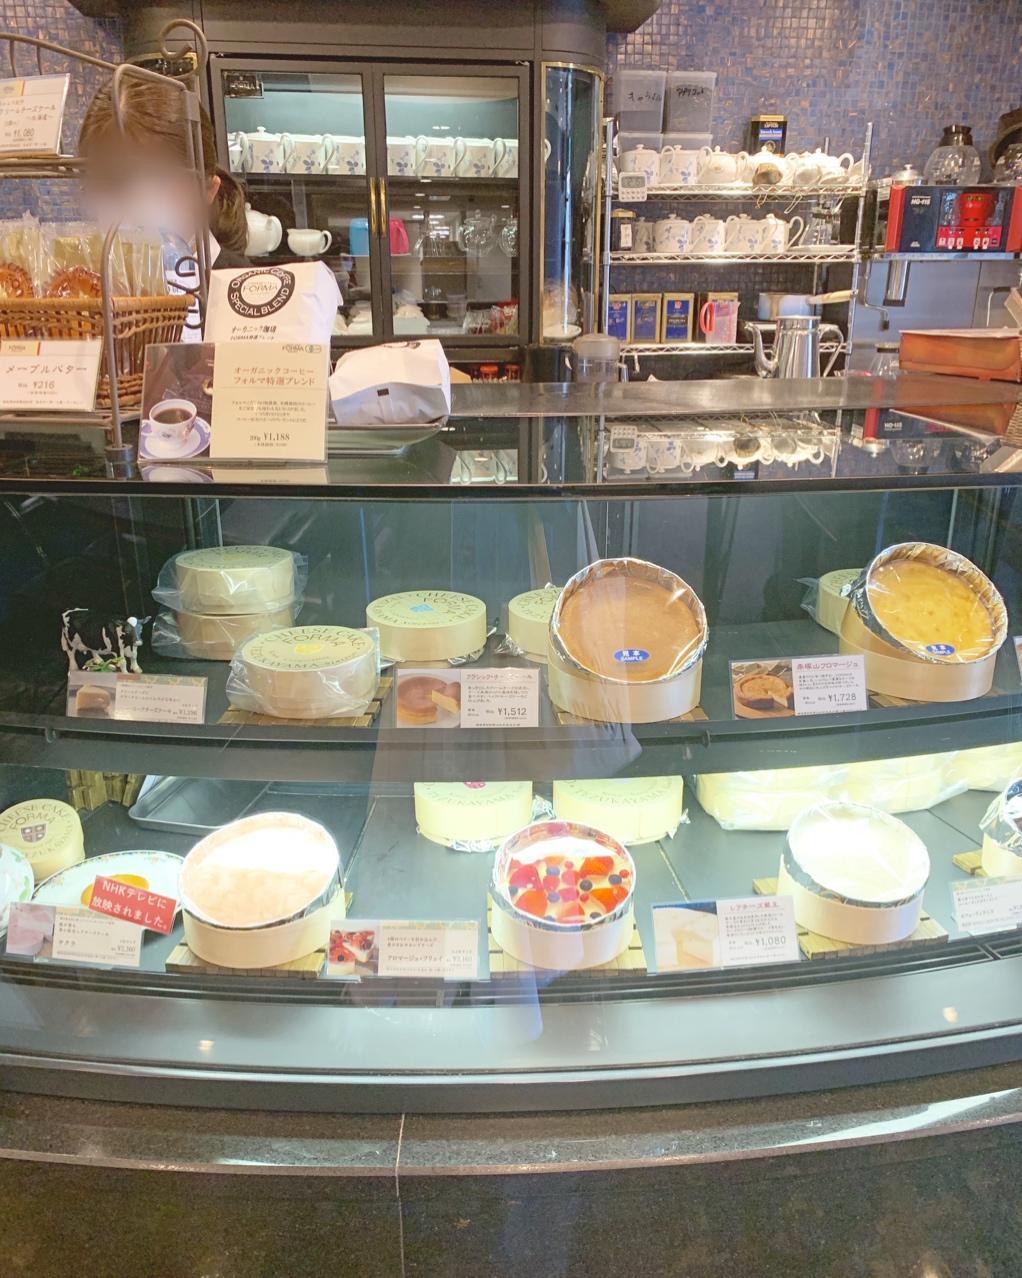 天王寺でチーズケーキを食べ比べできるカフェ店『FORMAあべのハルカス近鉄本店』